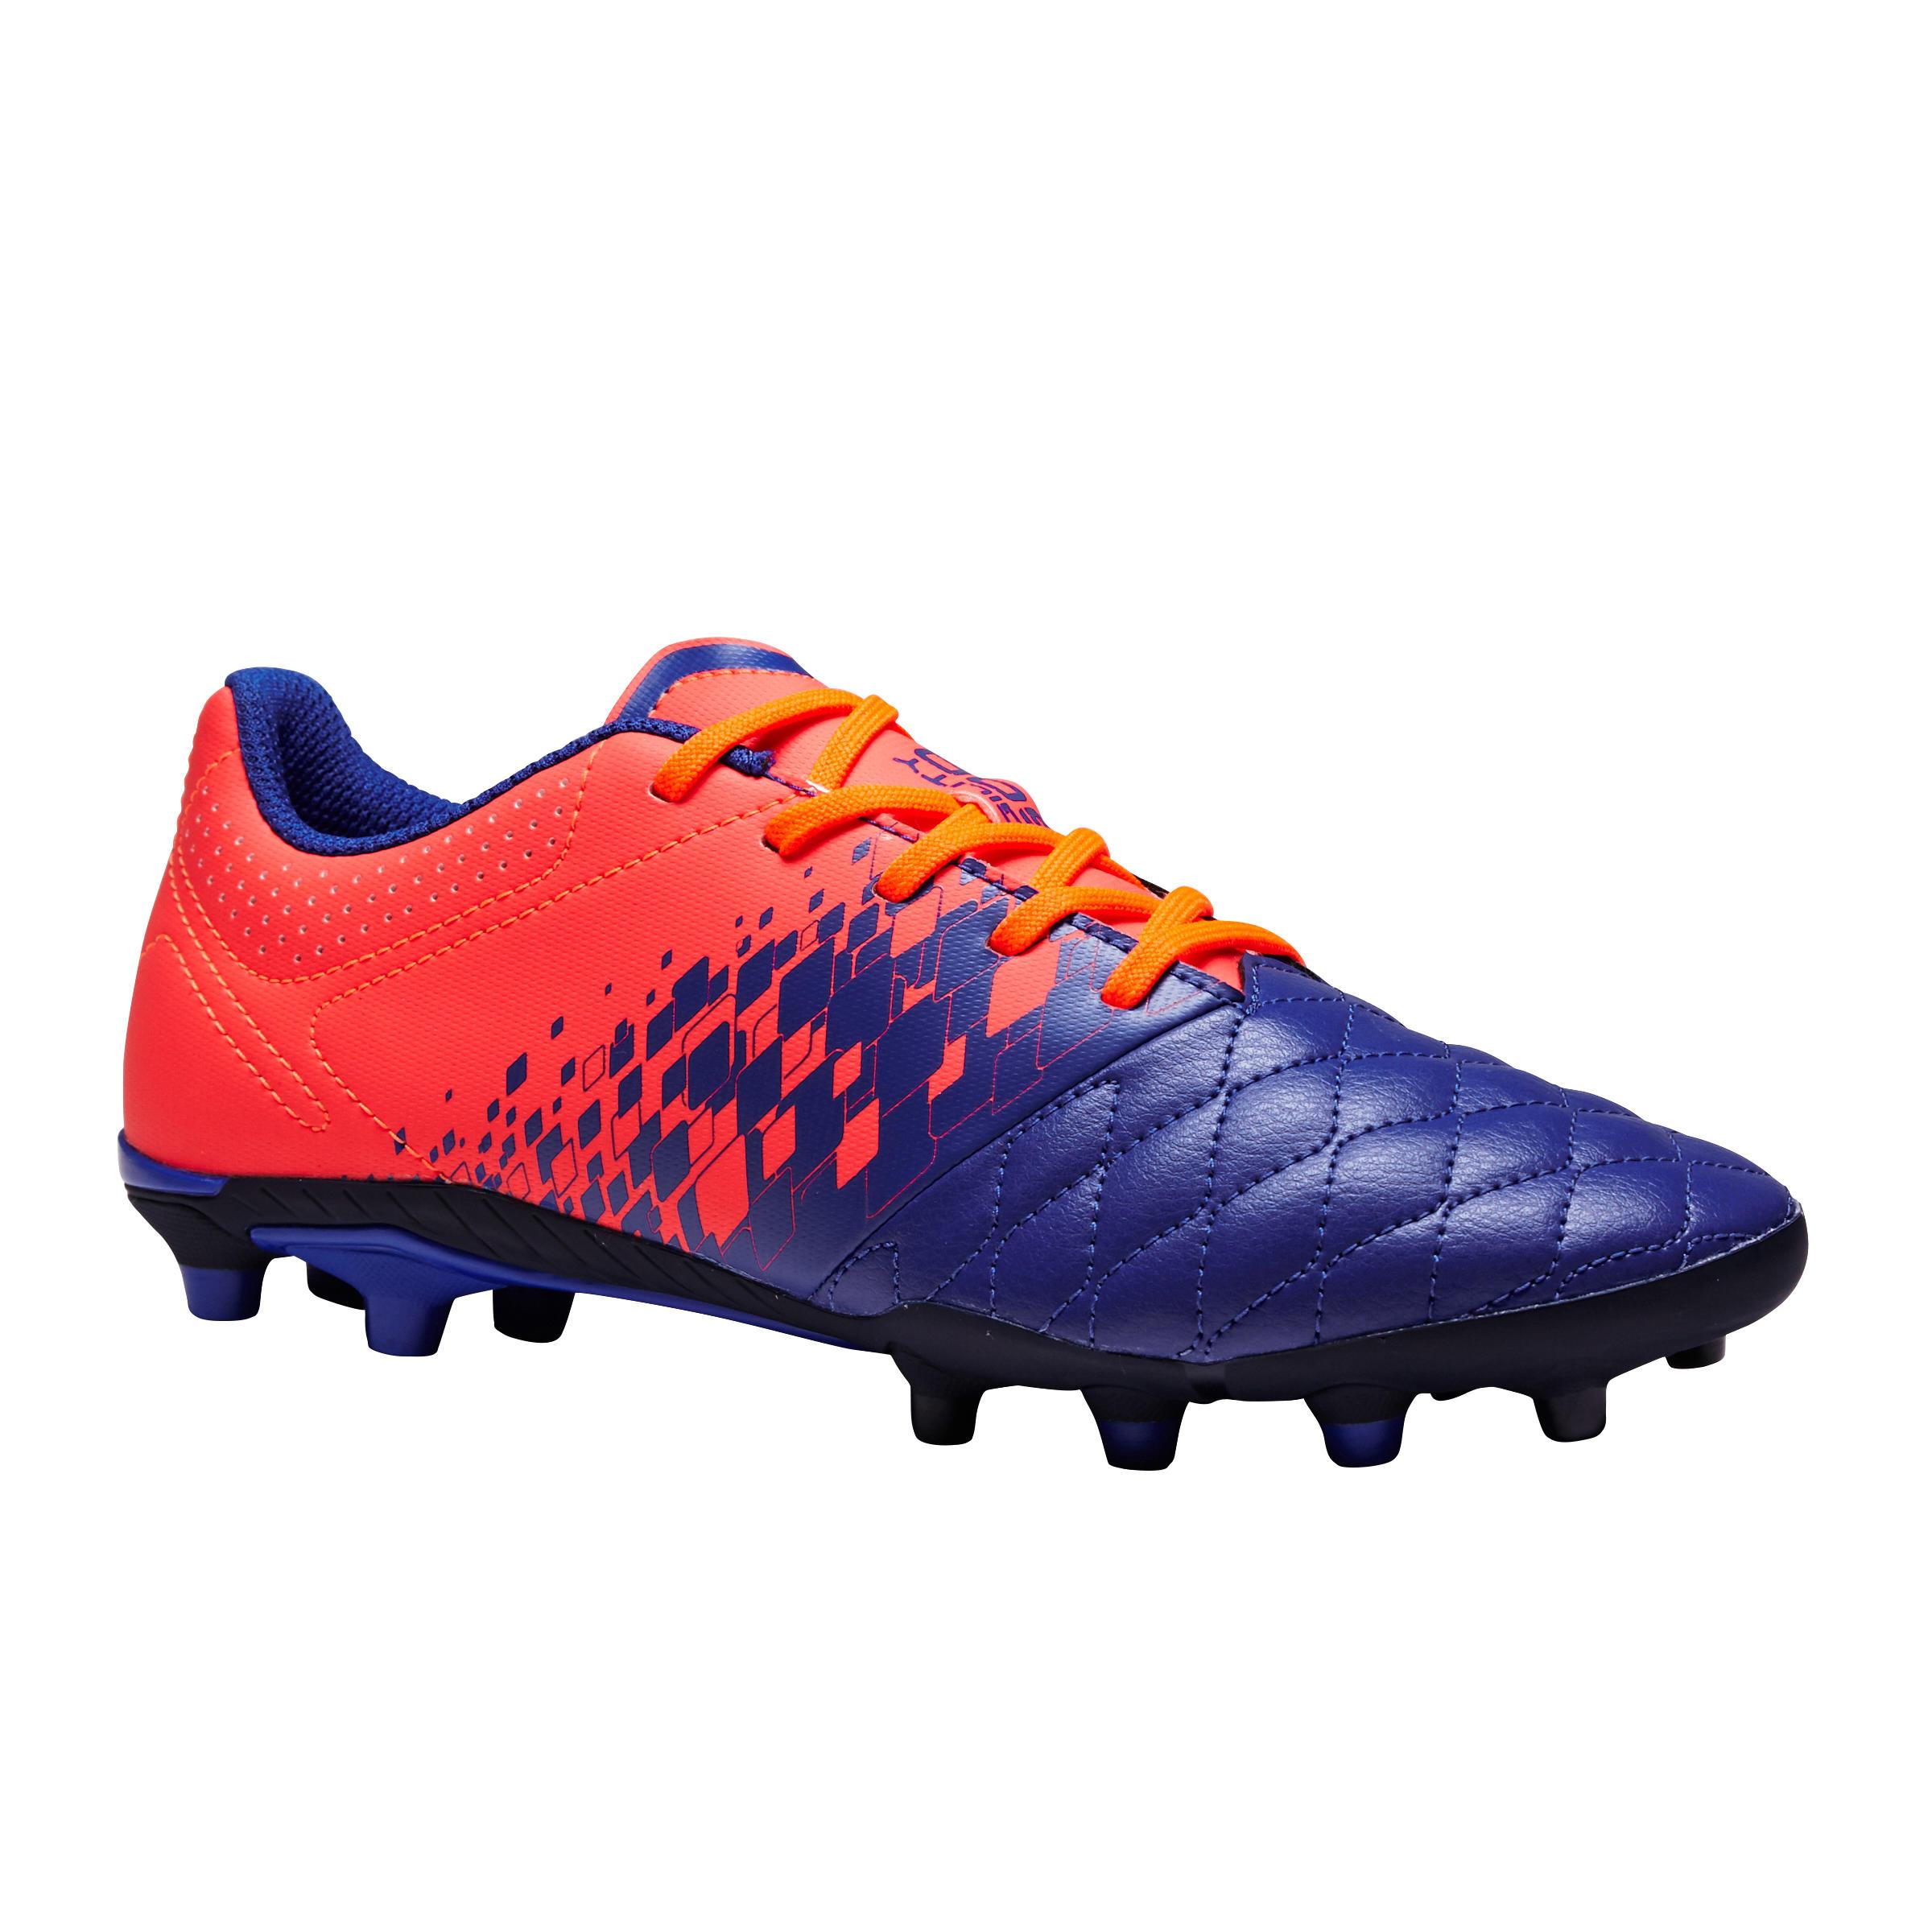 962bddd3fab02 Chaussures de football